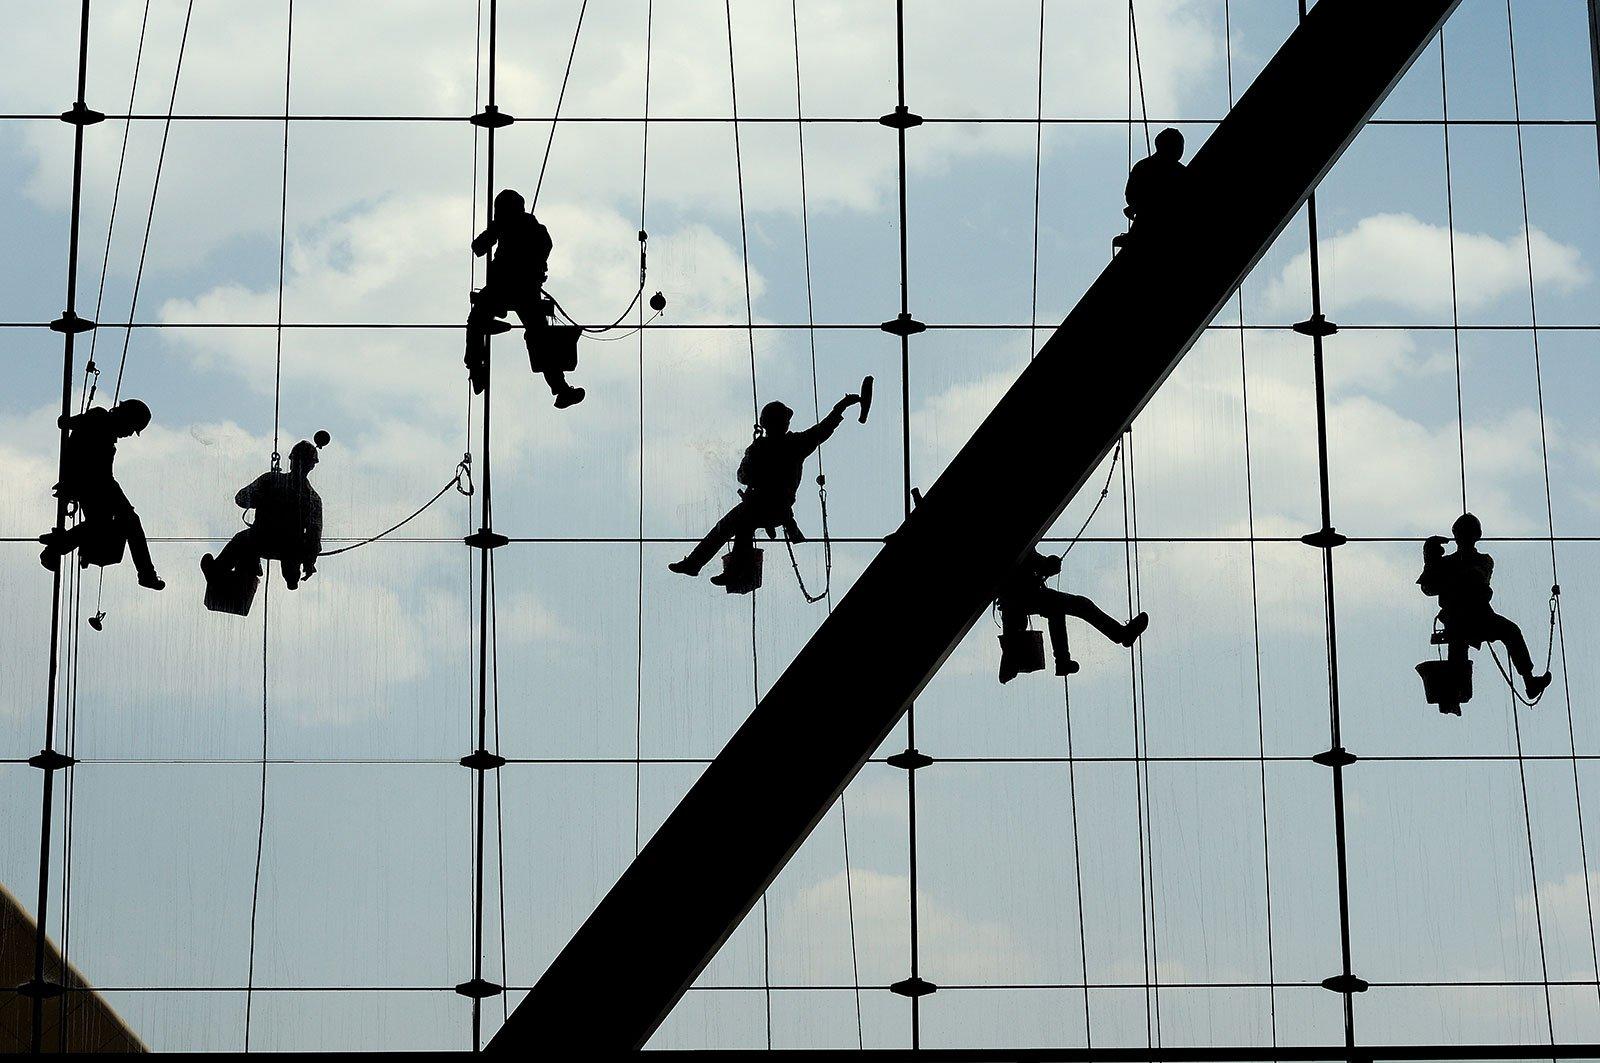 delle persone arrampicate su delle corde